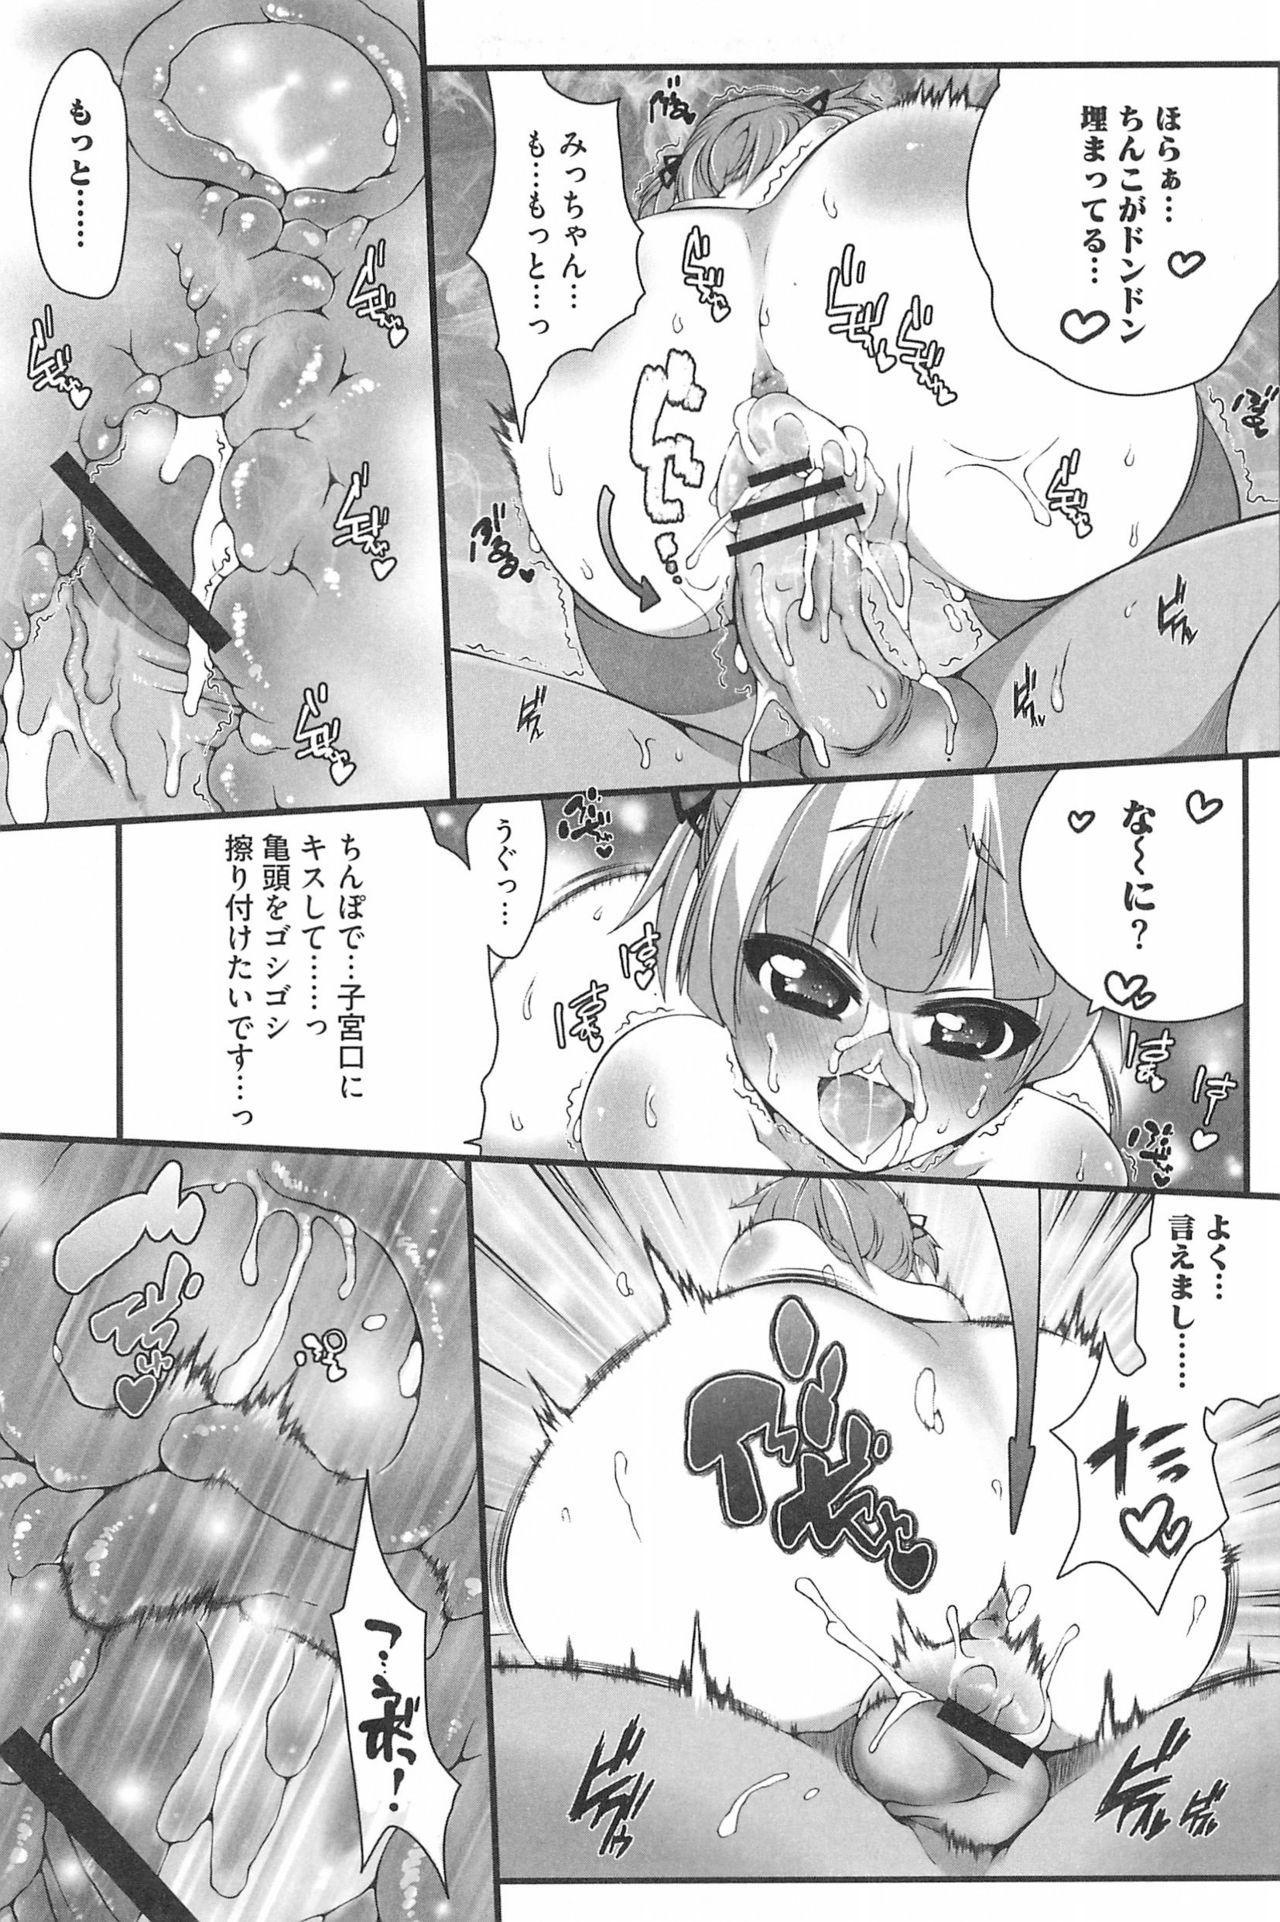 [Anthology] 3-tsugo 3 Shimai no Seiyoku wa 3-bai (Mitsudomoe) 78